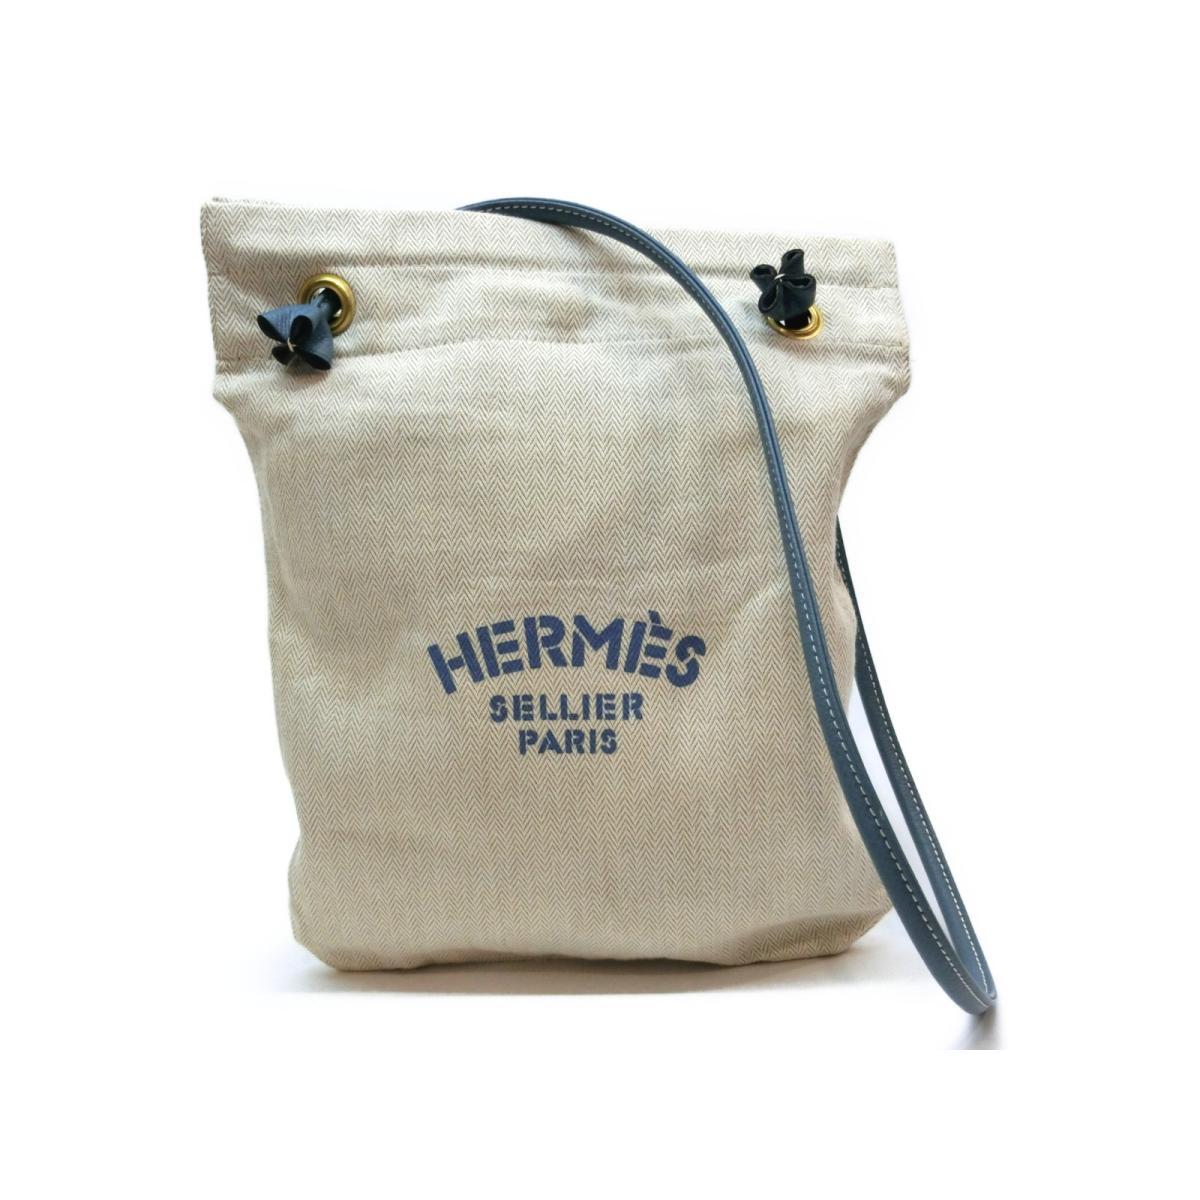 148d9be2f493 ... バッグ メンズ レディース キャンバス ベージュ x ブルー | HERMES トートバッグ ショルダーバック ショルダー 肩がけ バッグ  バック BAG ブランドバッグ ブランド ...